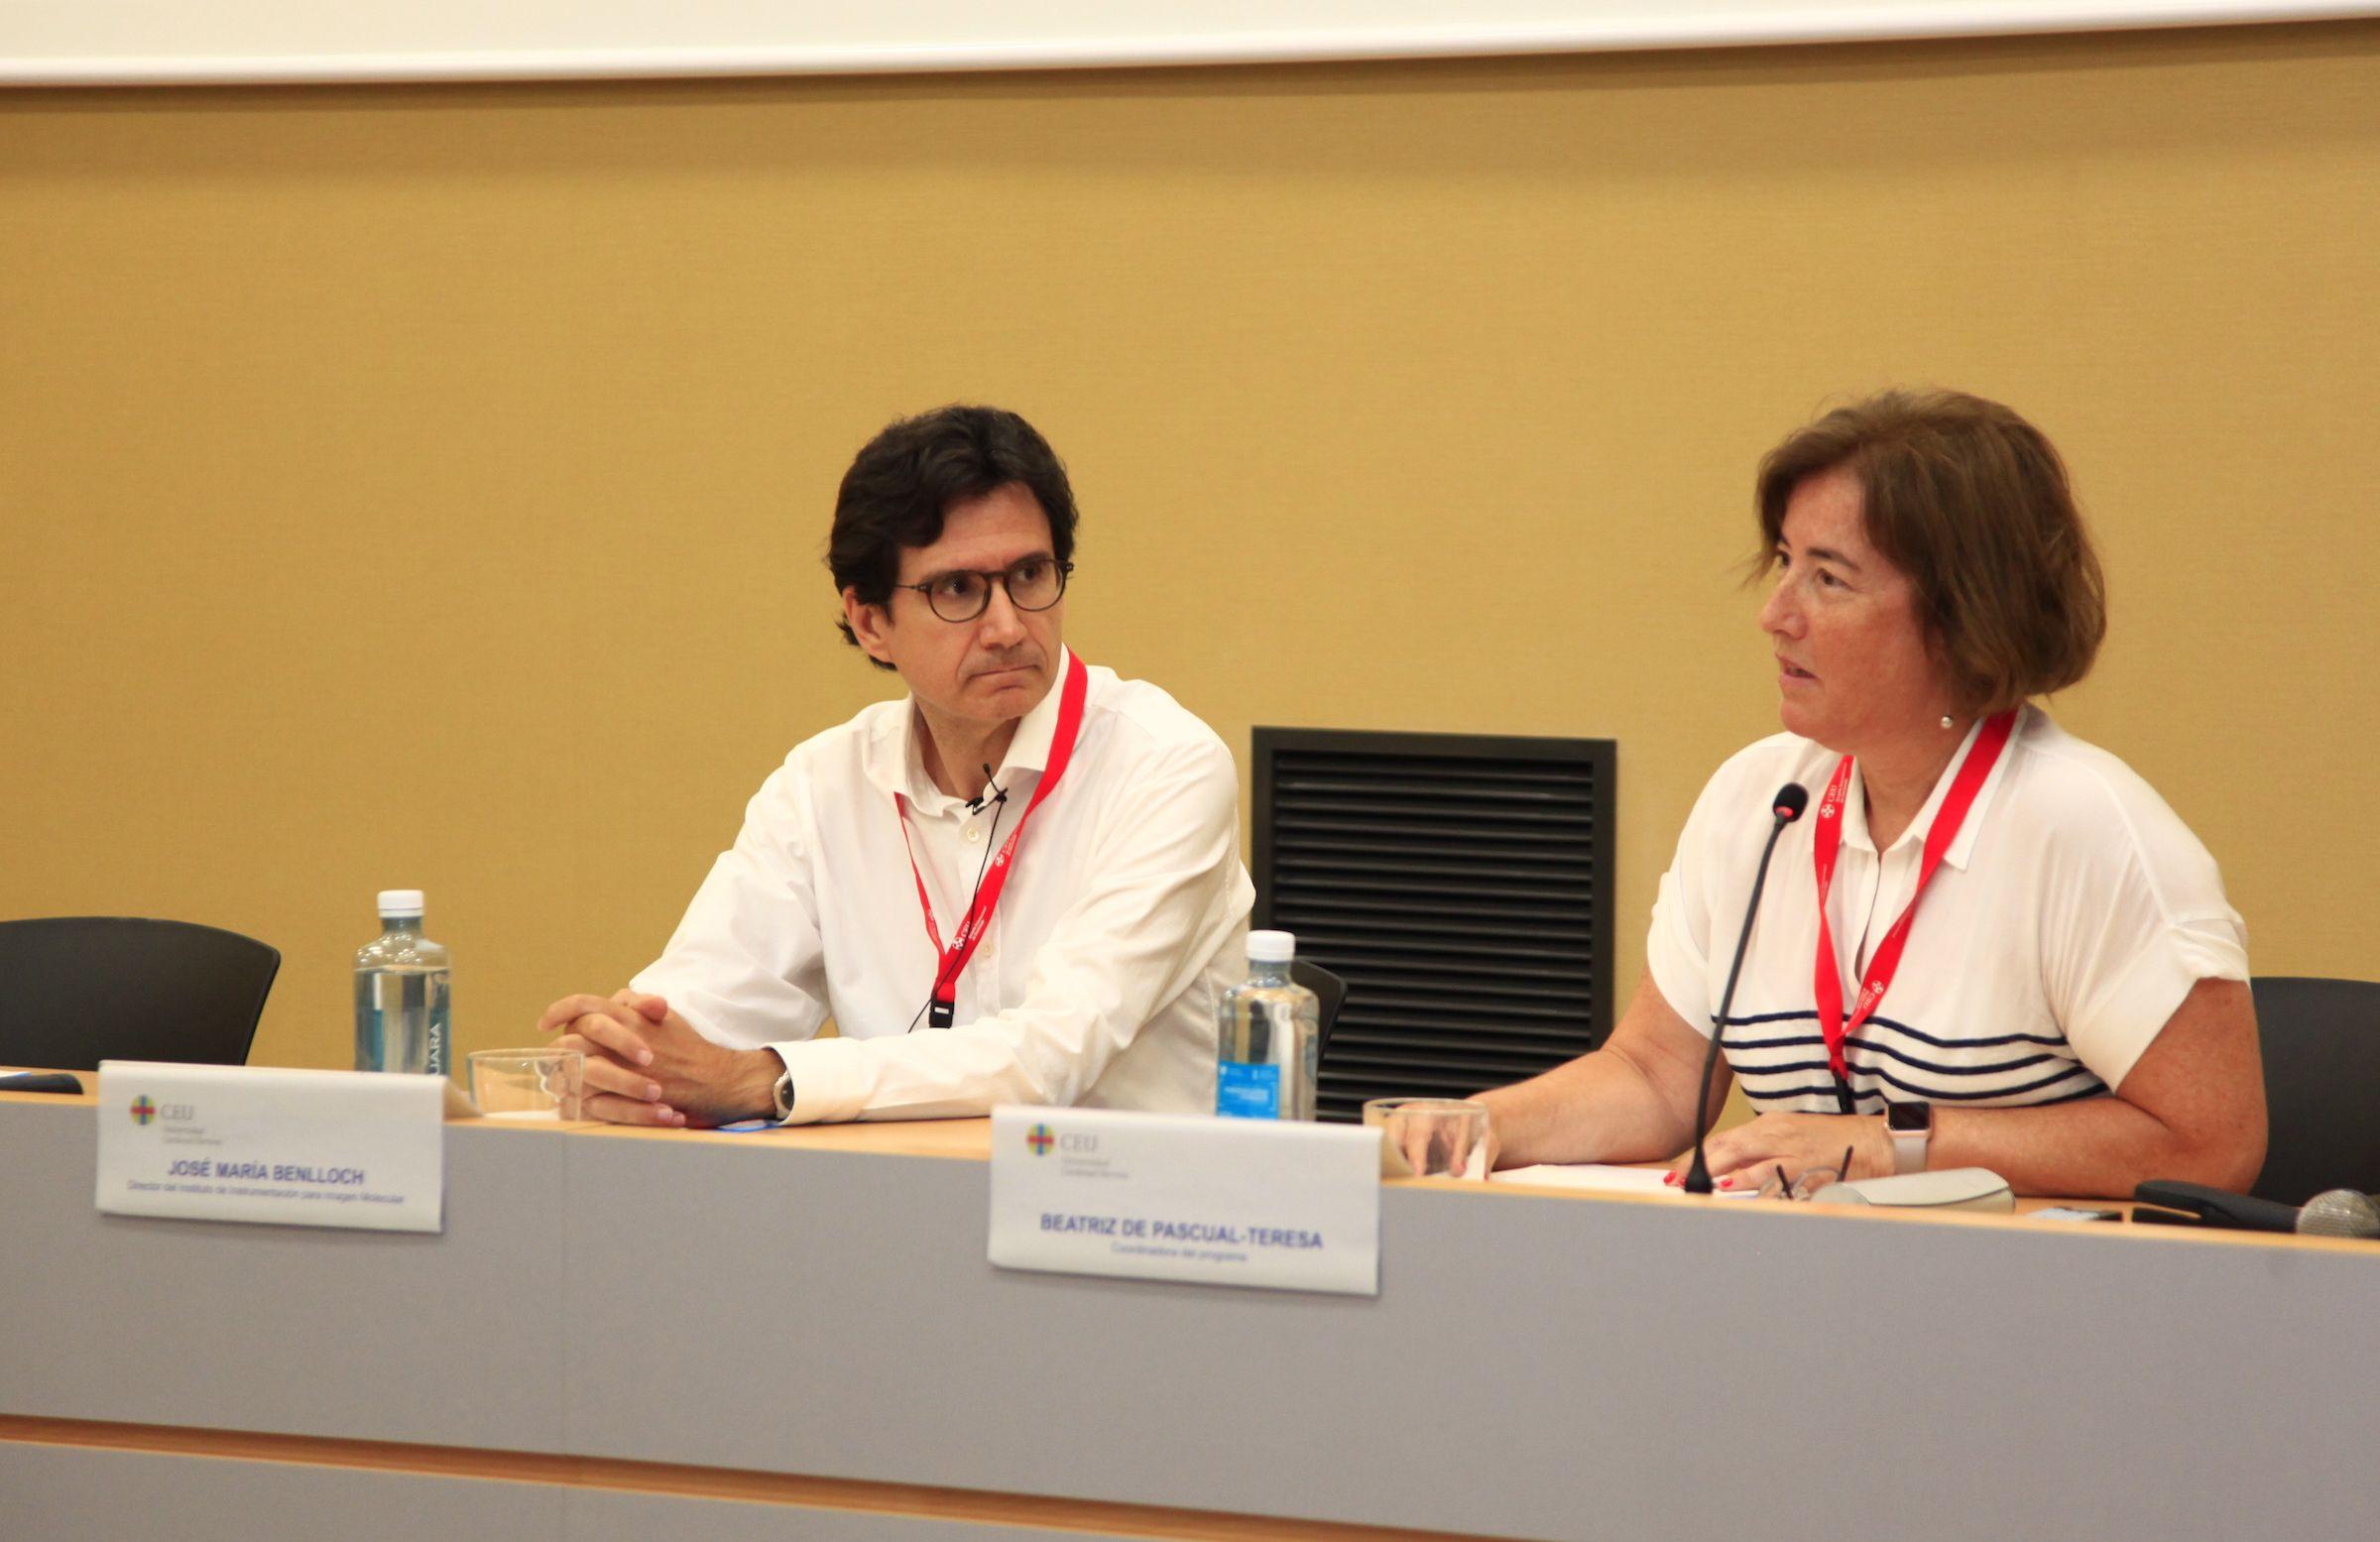 José María Benlloch, Premio Nacional de Investigación 2014, presentado por la profesora coordinadora del Programa de Doctorado, Beatriz de Pascual-Teresa.